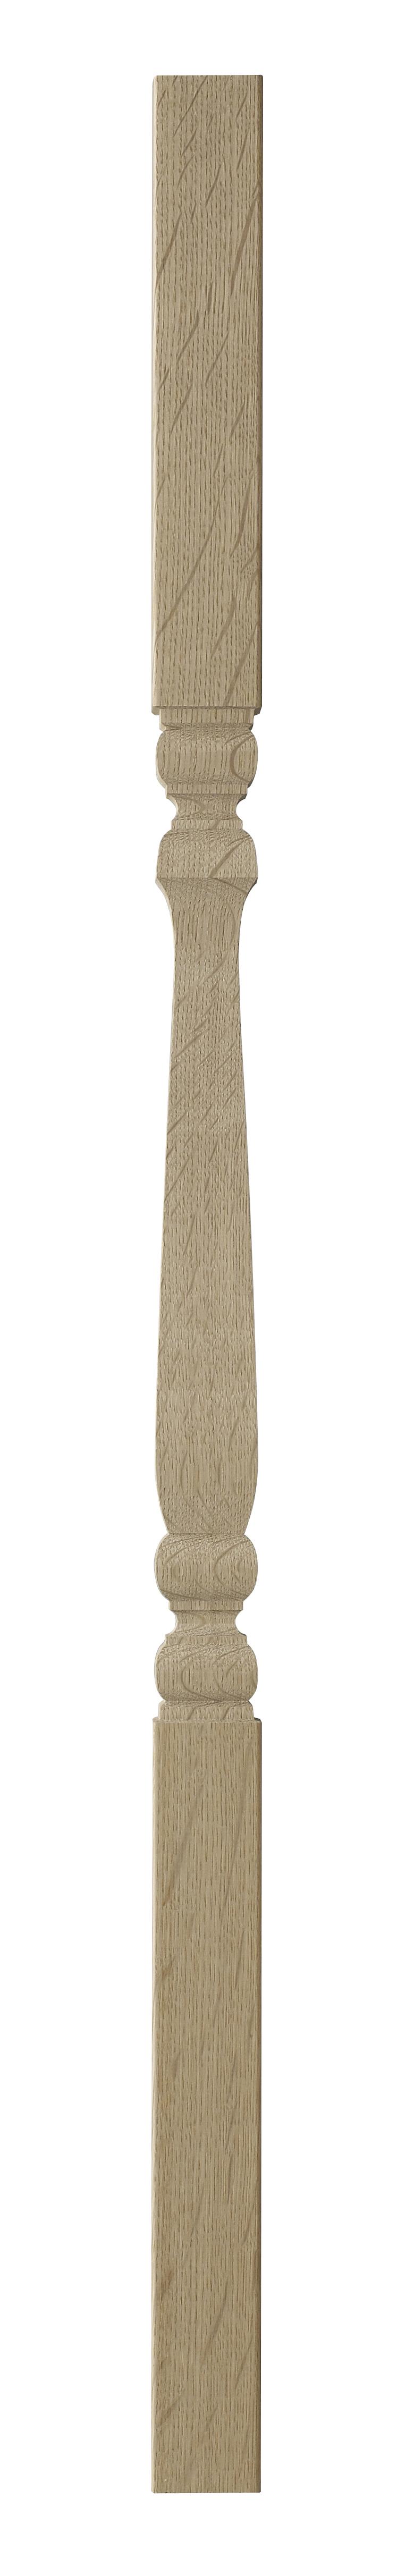 1 Oak Provincial Spindle 900 41